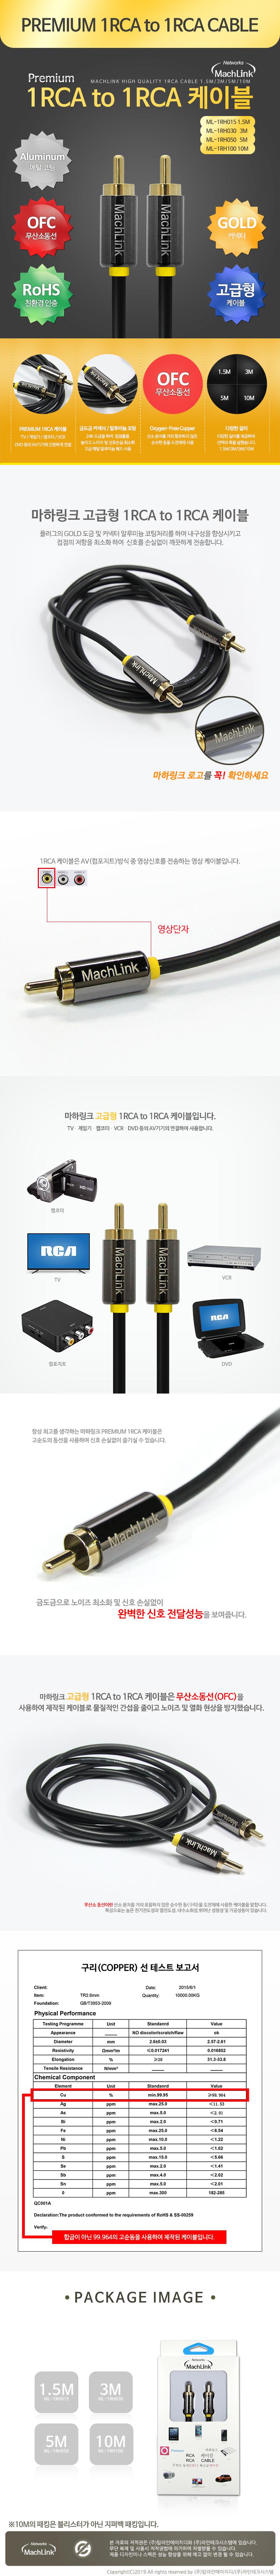 마하링크  1RCA to 1RCA 케이블(10m, ML-1RH100)